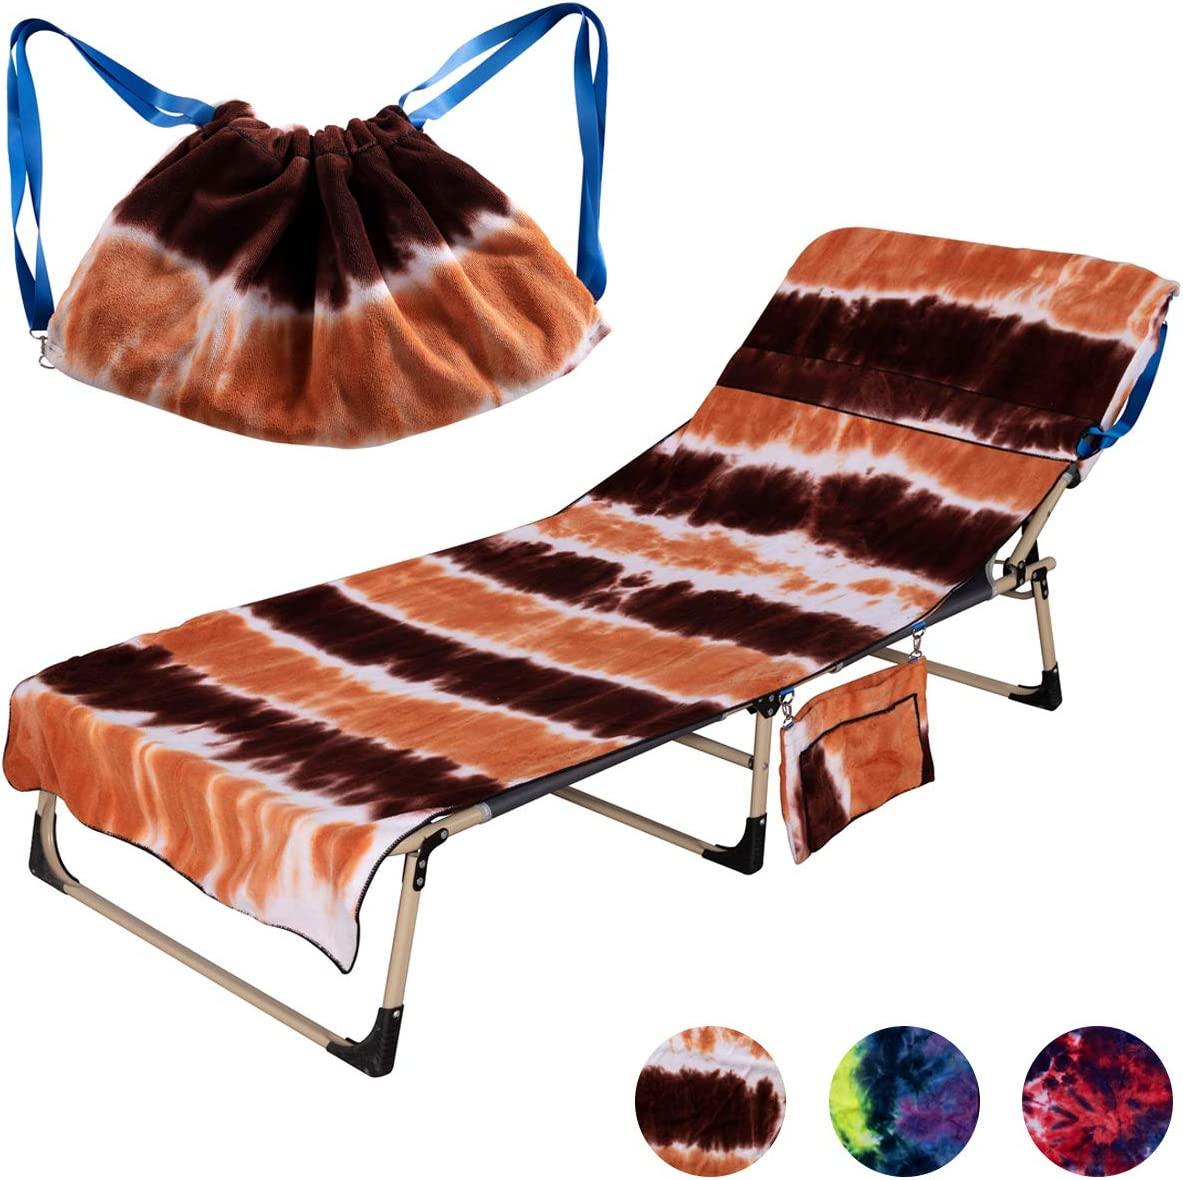 telo da spiaggia in spugna telo copri-sedia da spiaggia vacanze Arancione prendere il sole Mingfuxin con tasche laterali per sdraio in microfibra